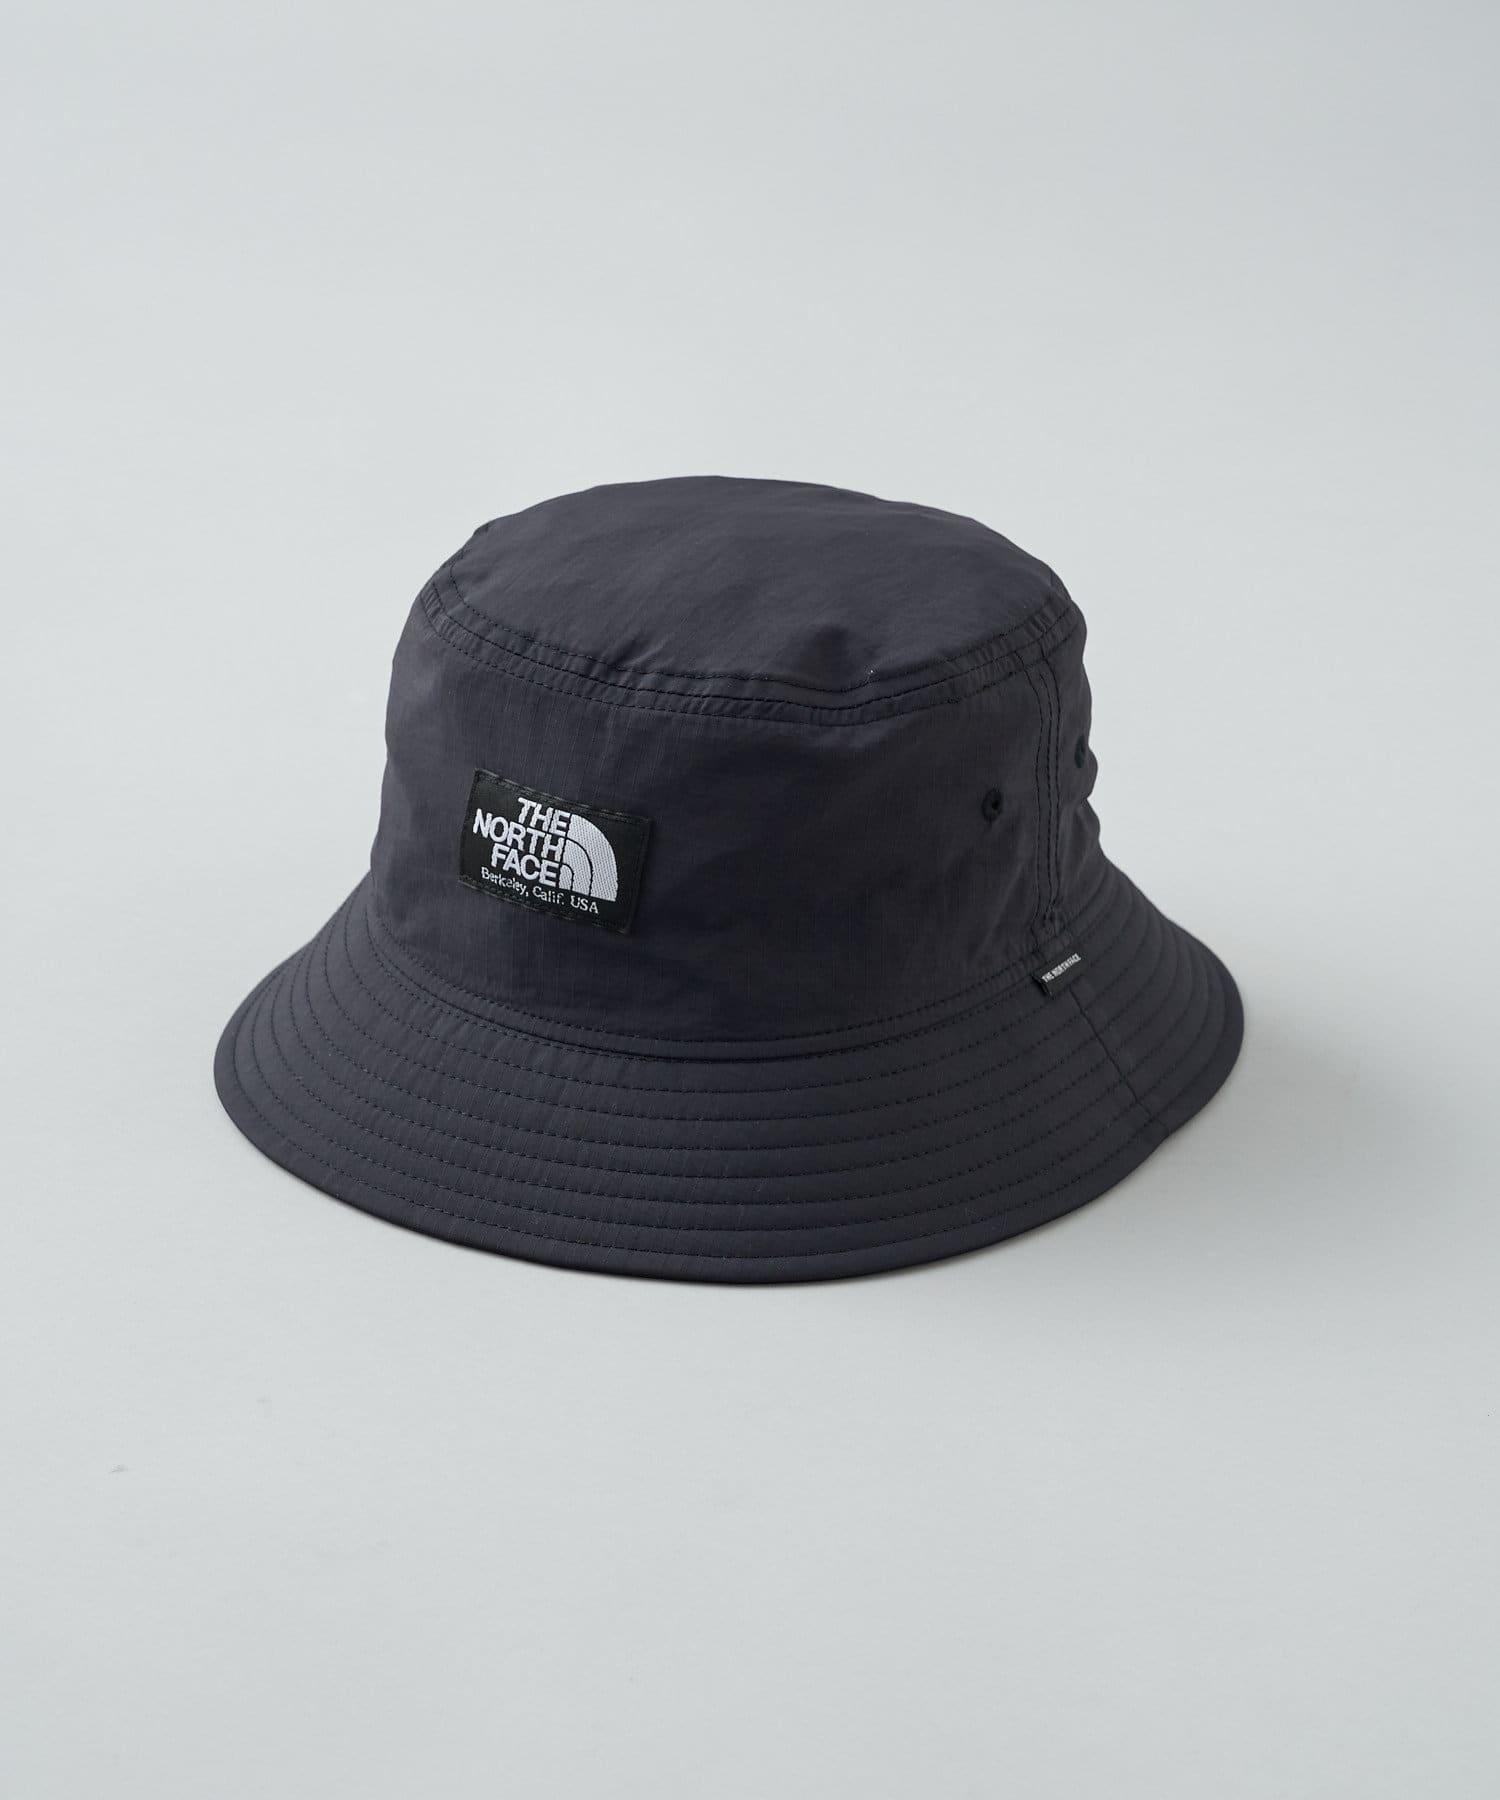 CIAOPANIC(チャオパニック) レディース 【THE NORTH FACE】Camp Side Hat/NN41906 ブラック